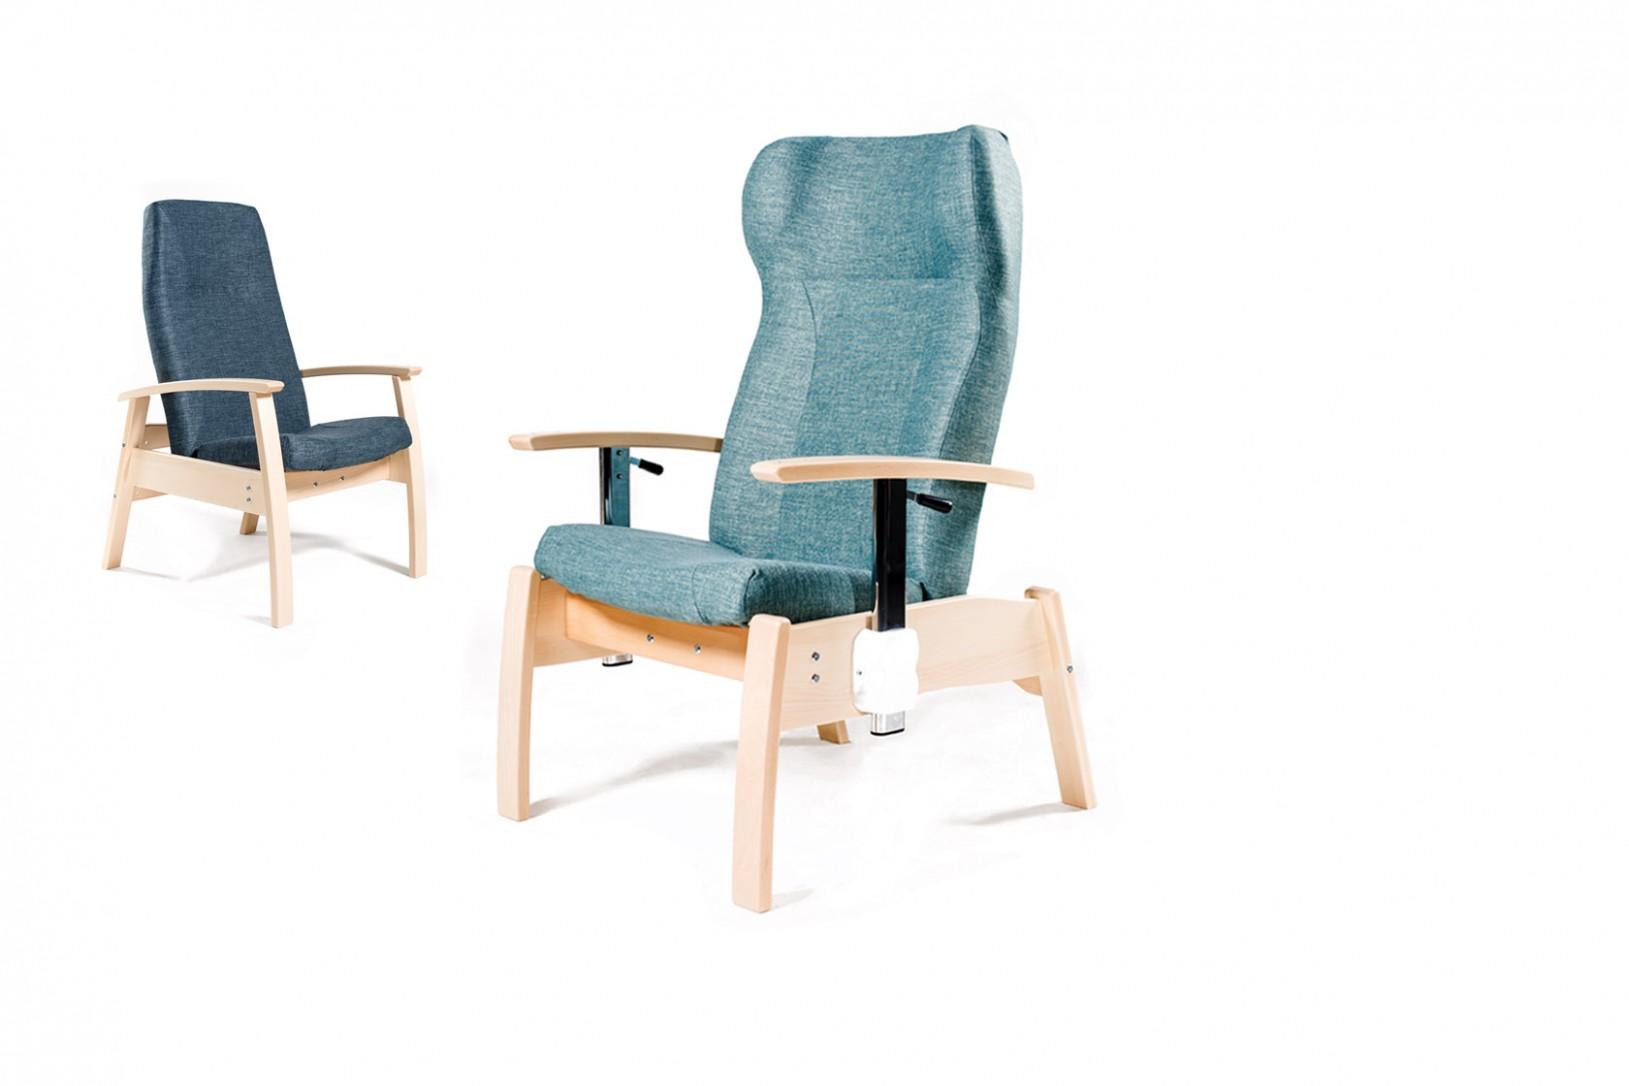 Zdravotnický nábytek pro domovy důchodců, nemocnice | JECH